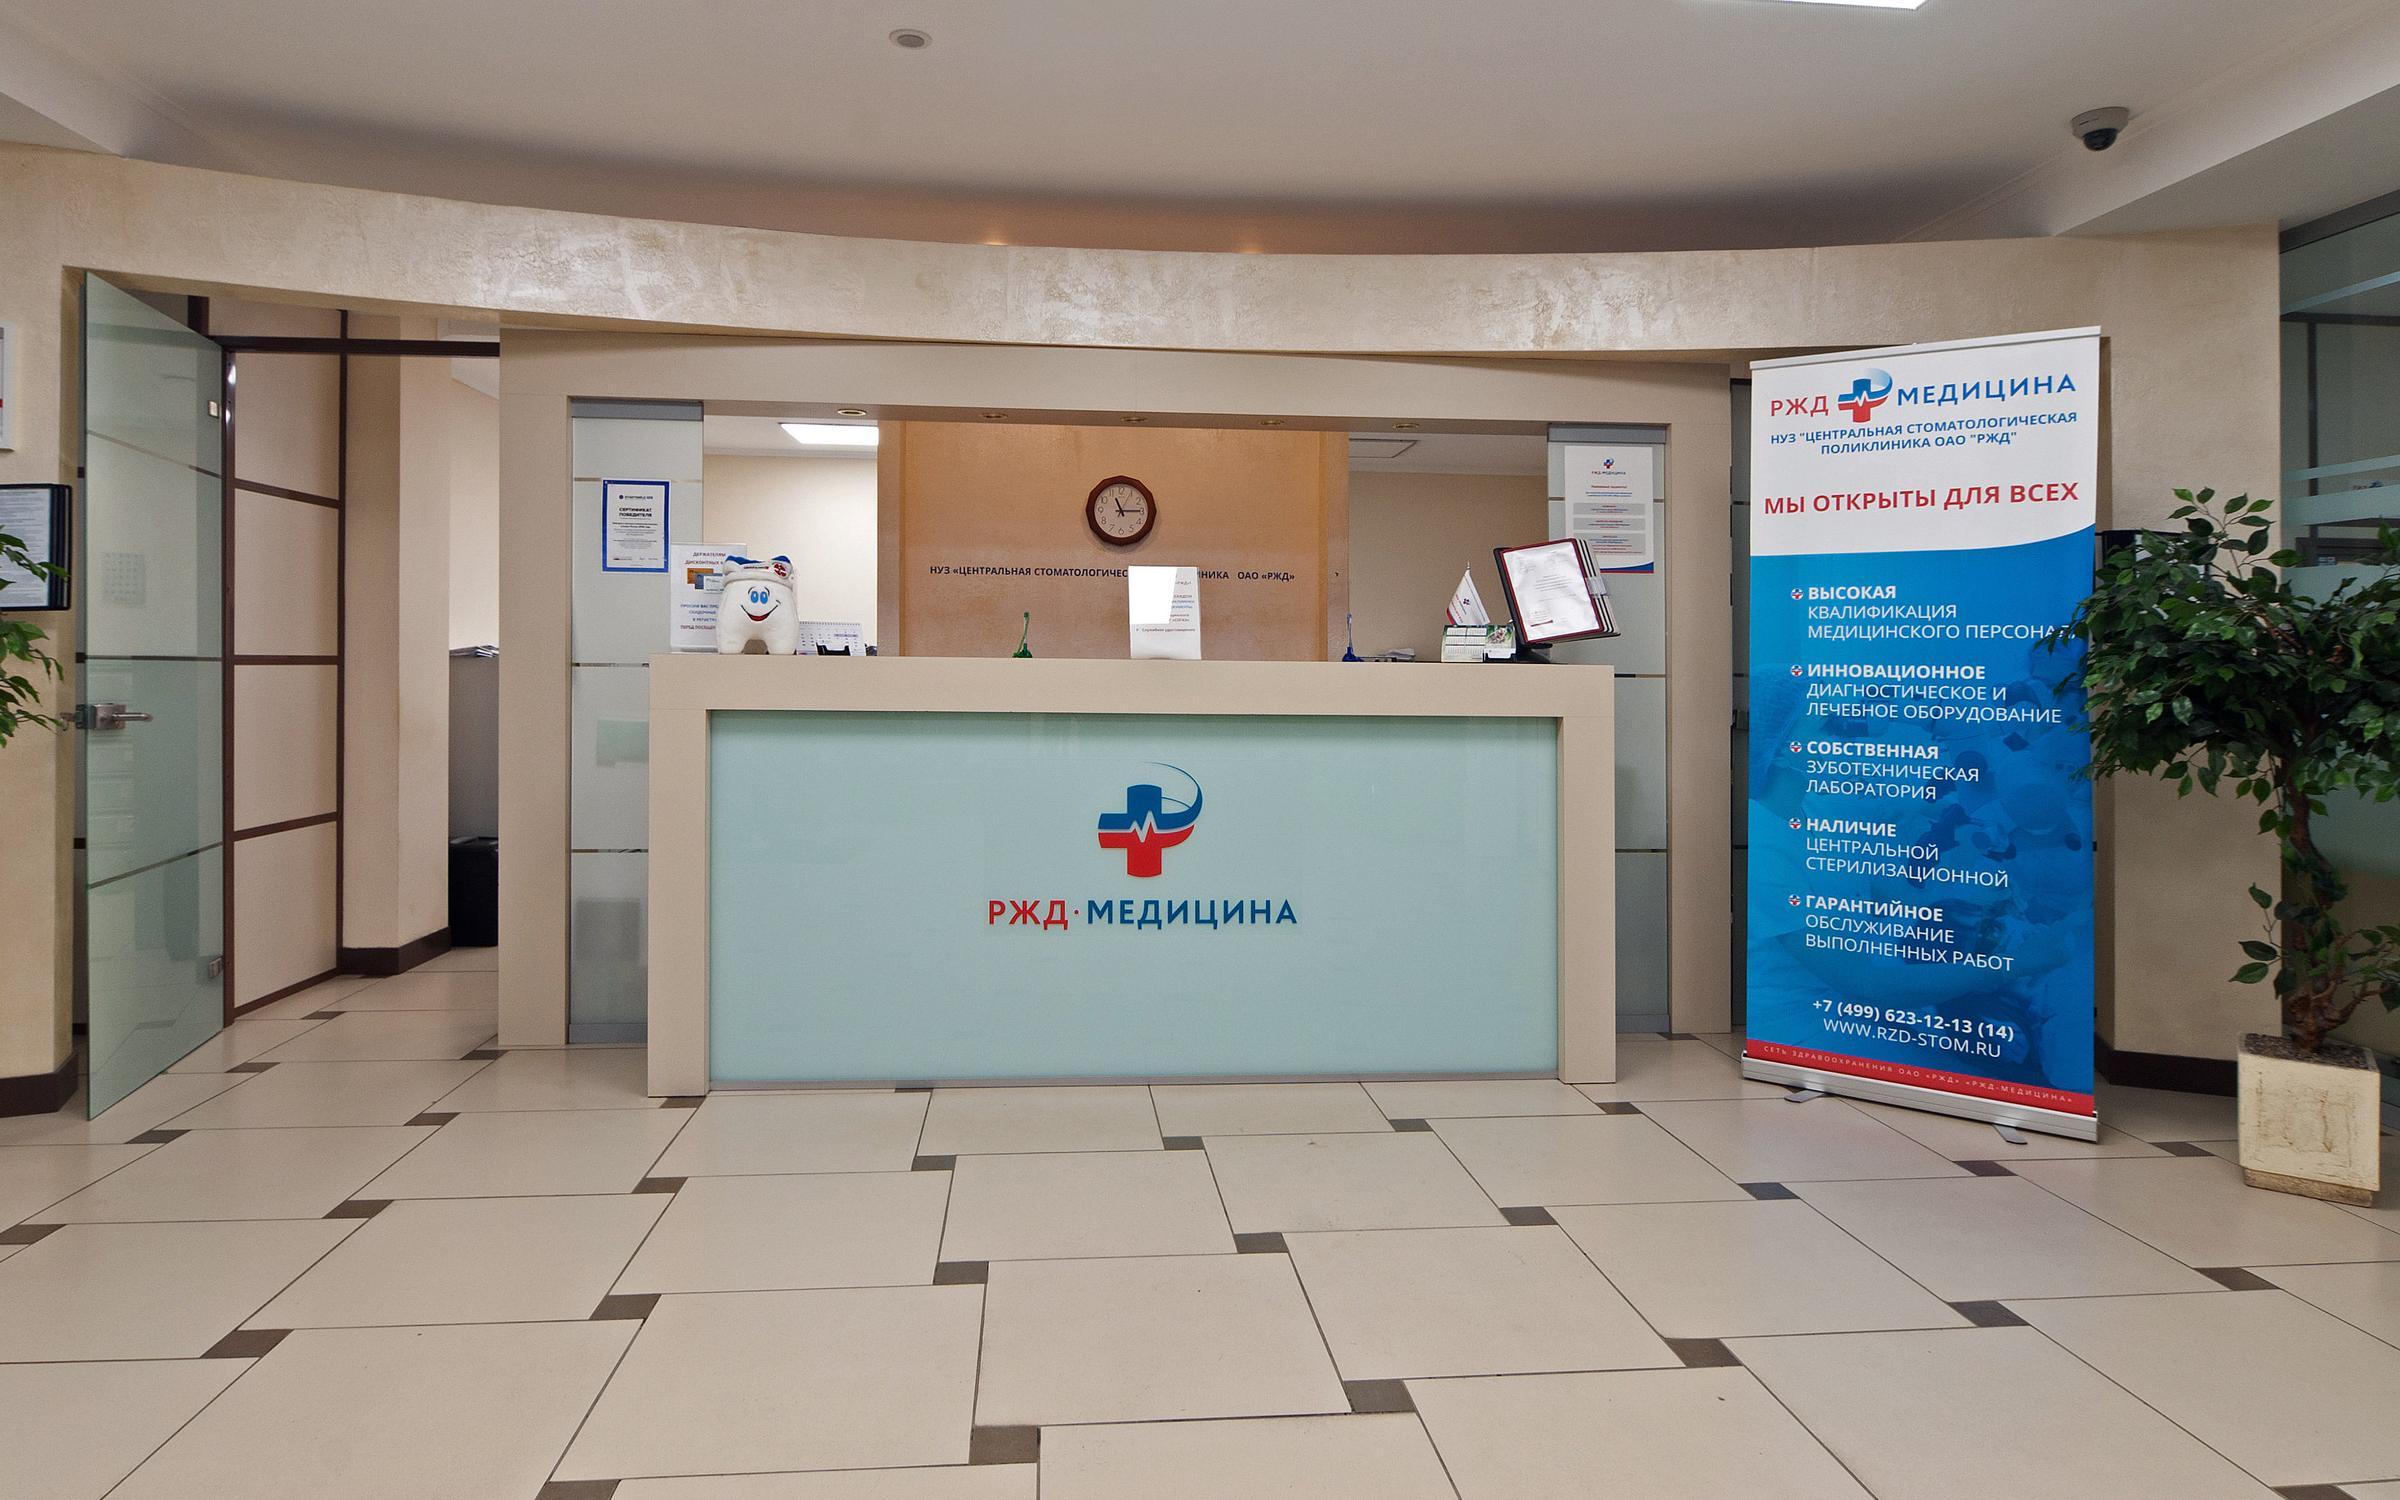 фотография Центральной стоматологической поликлиники РЖД на Бутырской улице